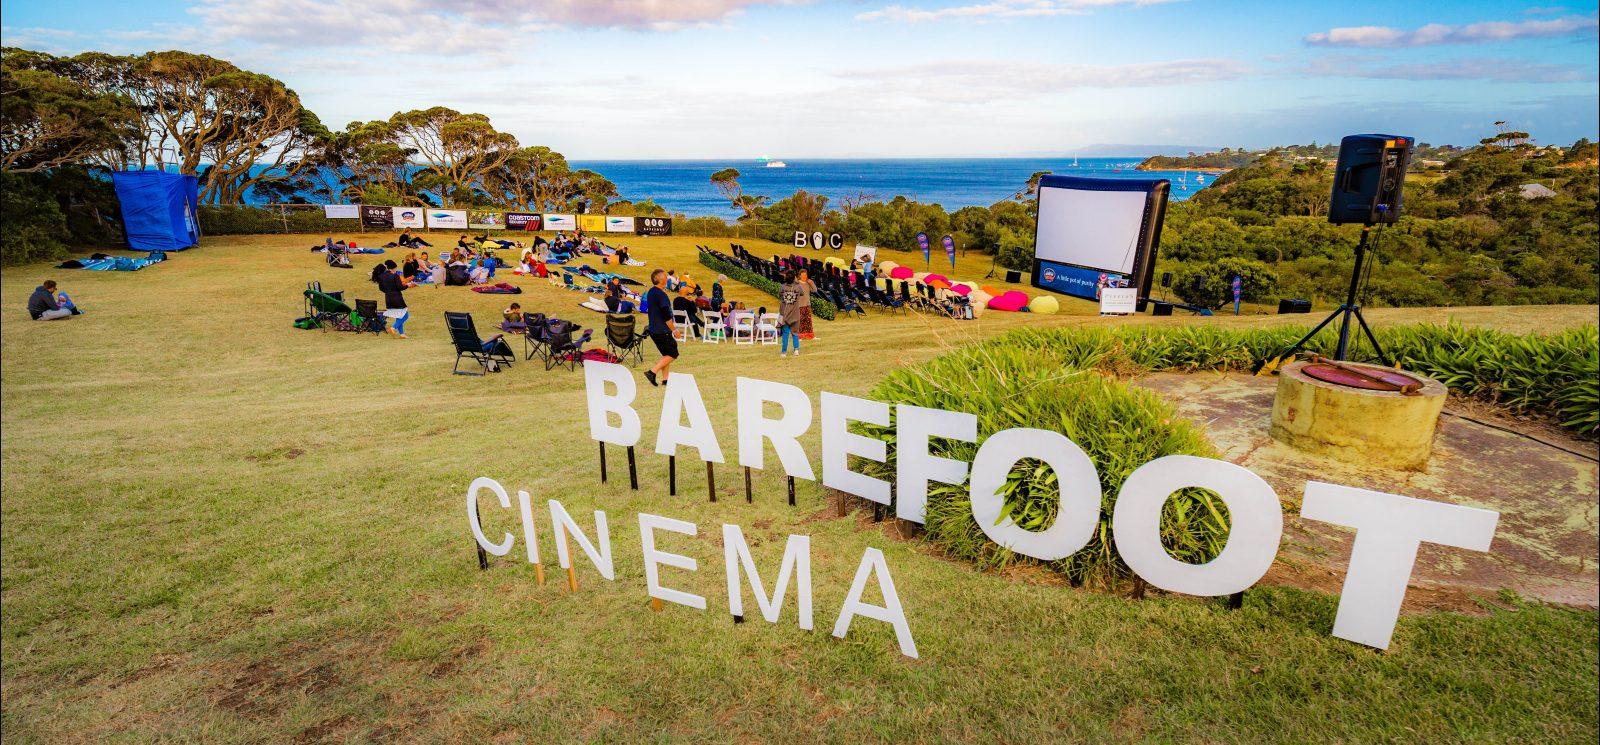 Barefoot Cinema - Portsea